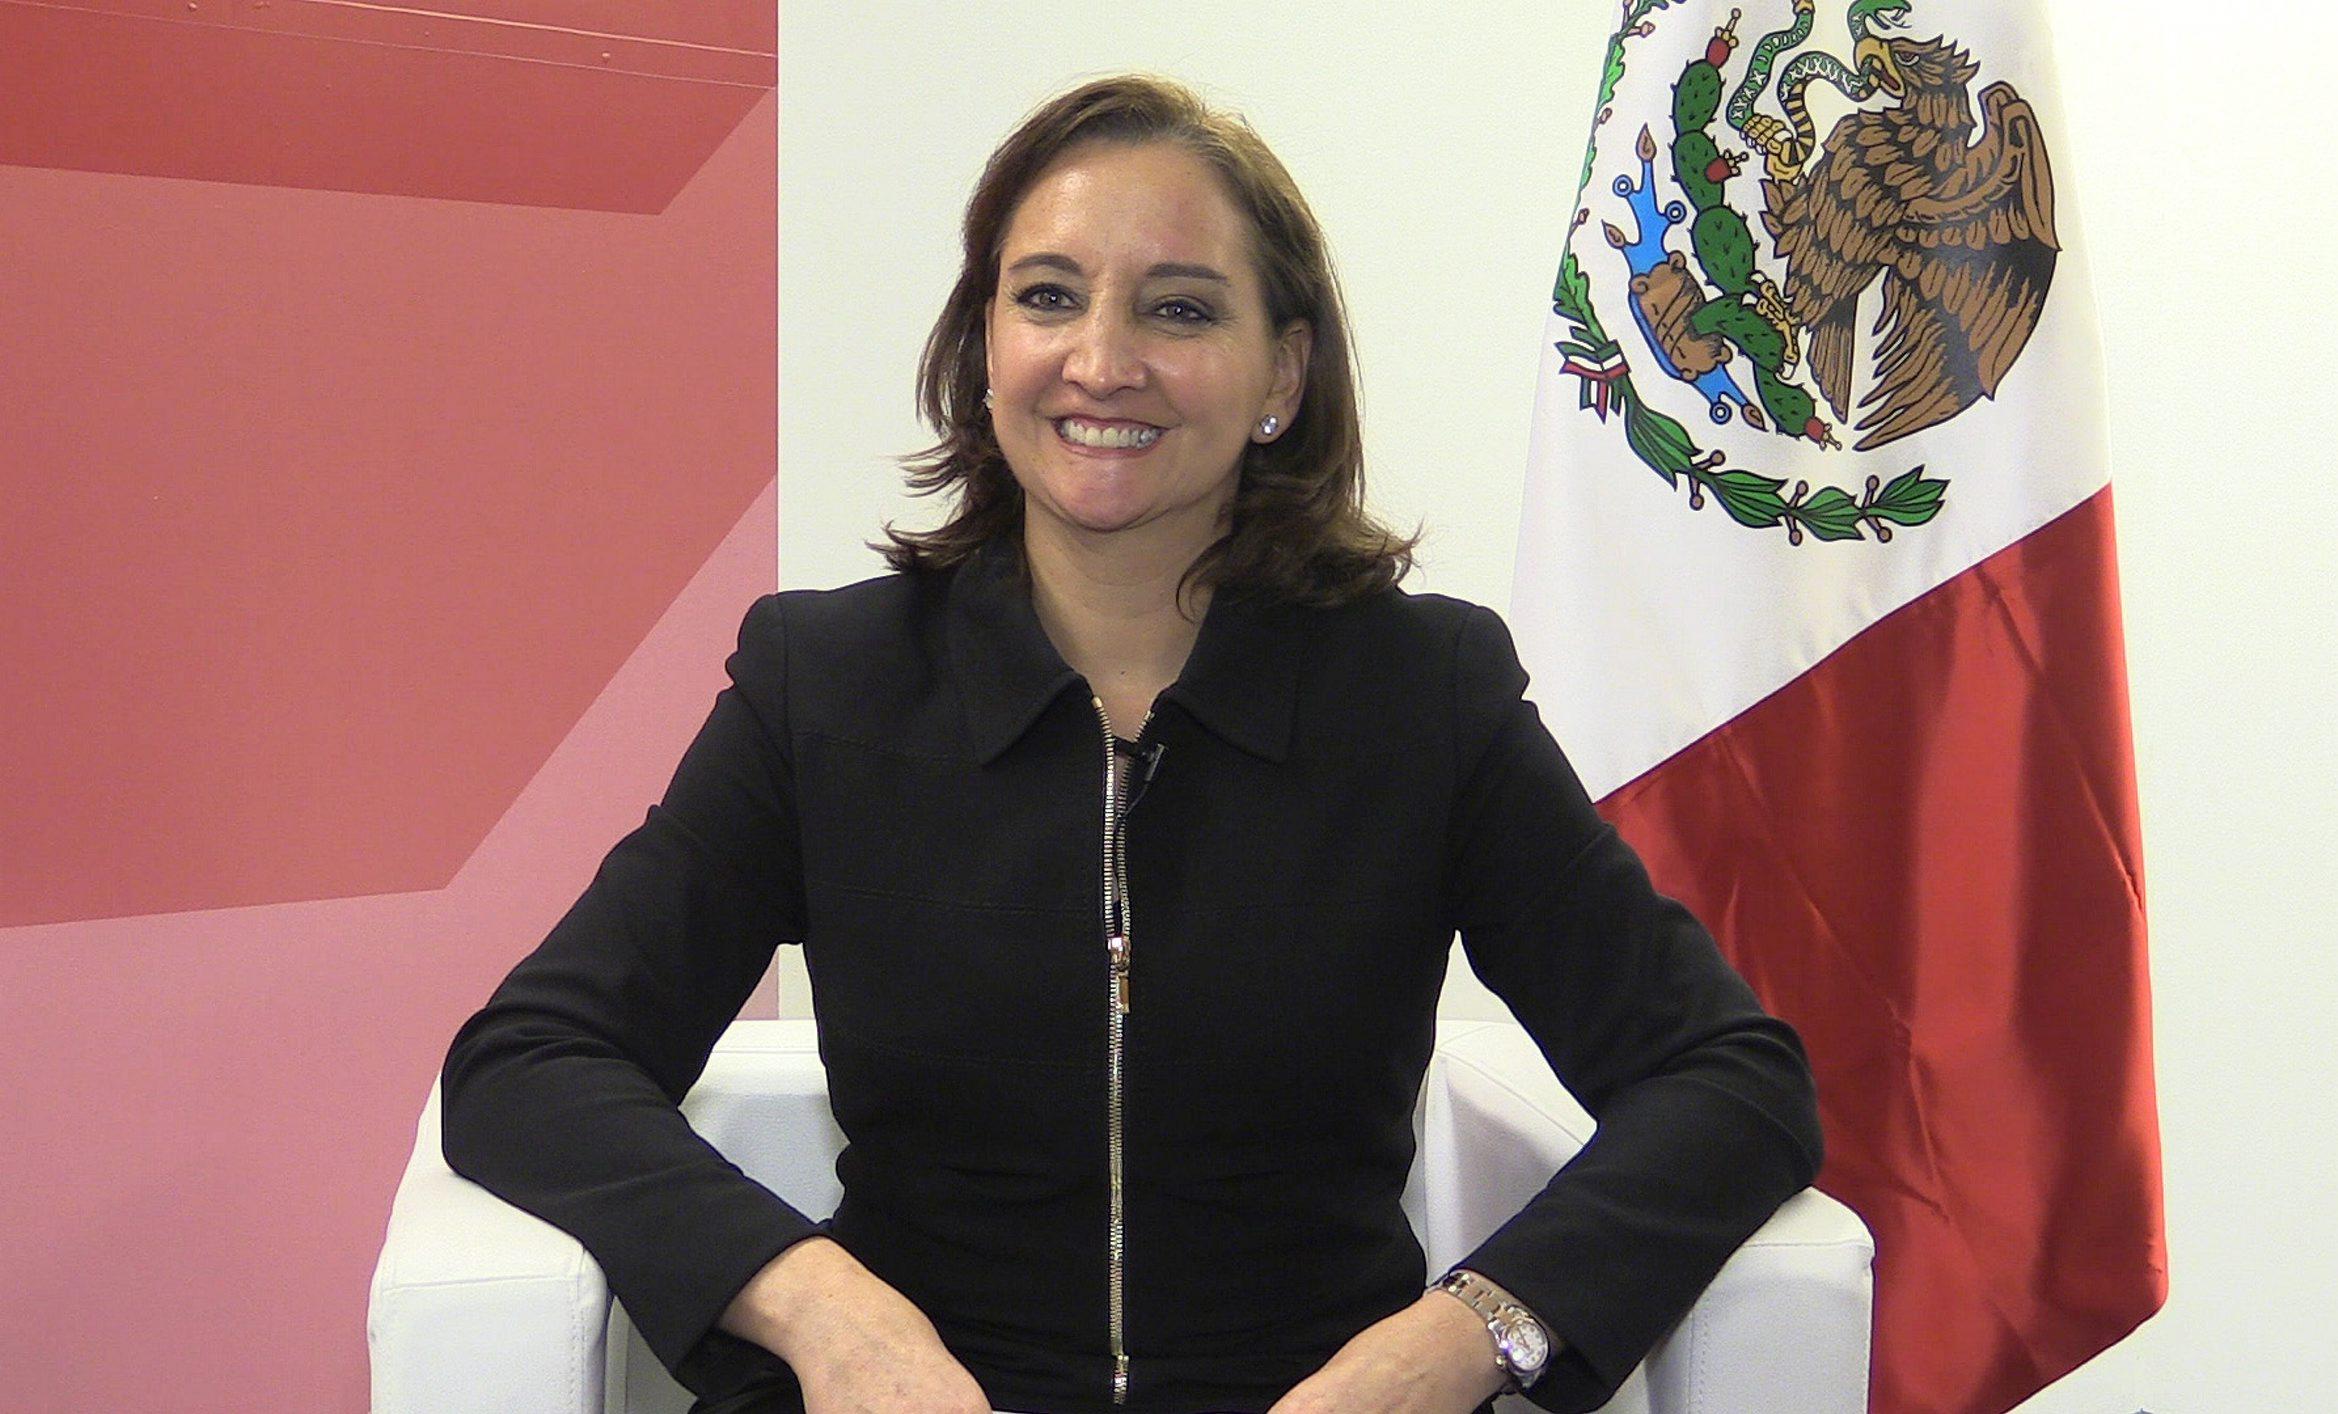 Claudia Ruiz Massieu afirmó que la construcción del nuevo Aeropuerto Internacional de la Ciudad de México será la obra de infraestructura más importante de la historia moderna del país.